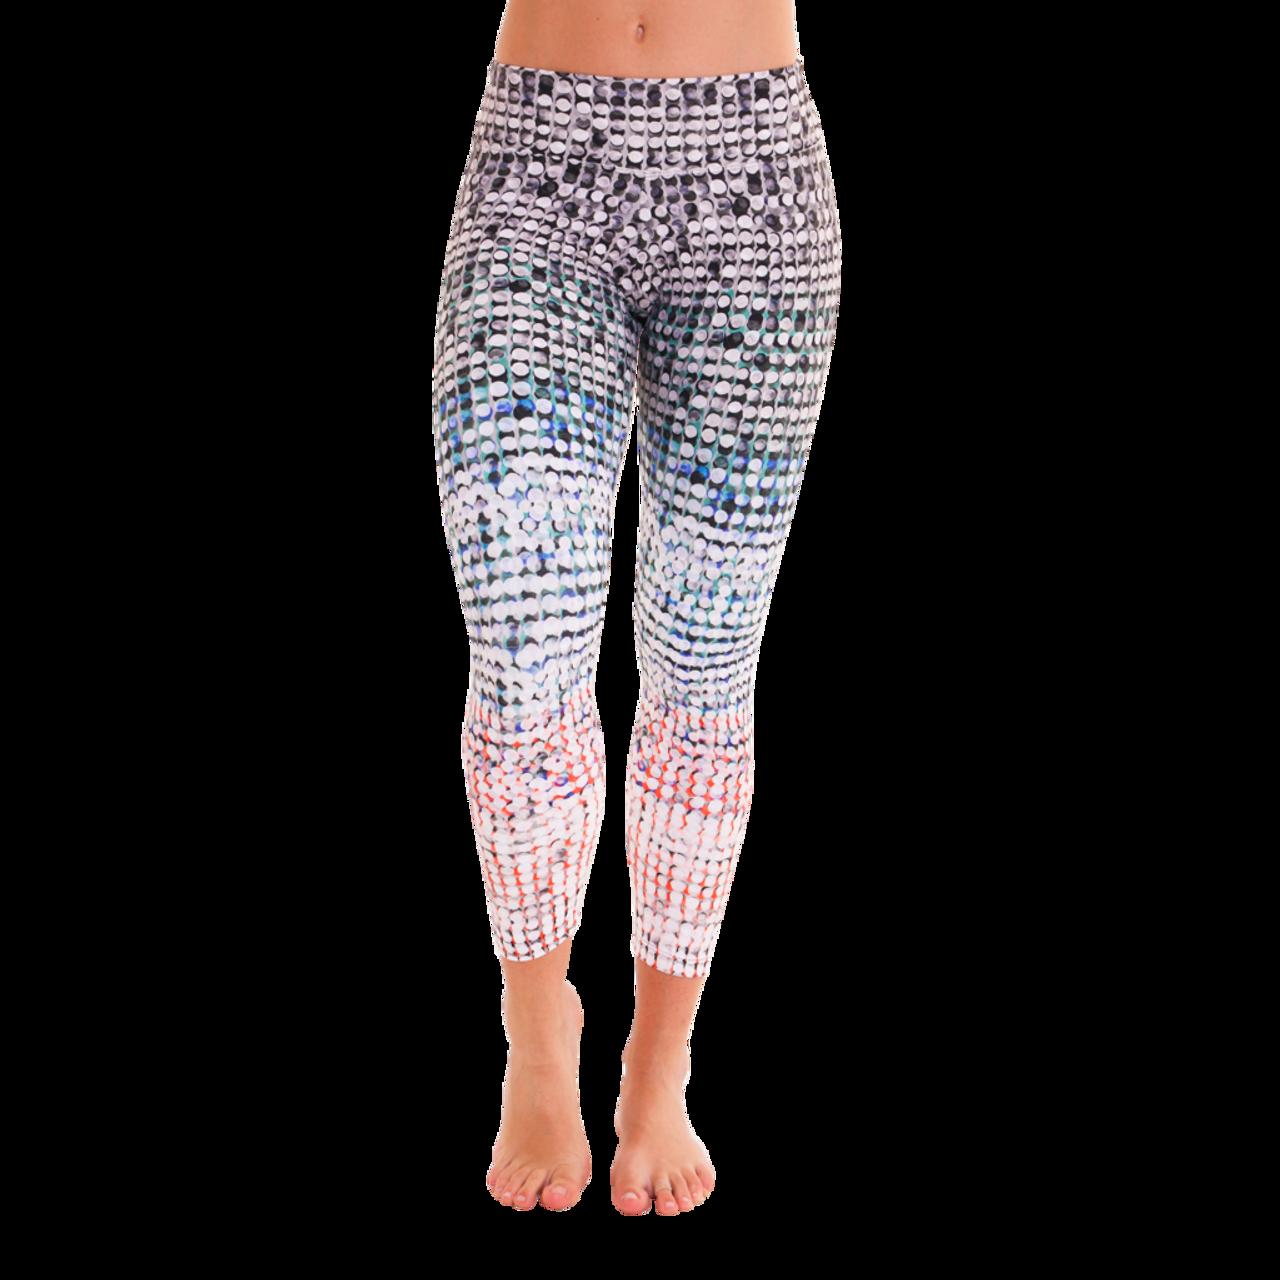 énorme réduction 7e118 c1482 7/8 Patterned Leggings - Paillette